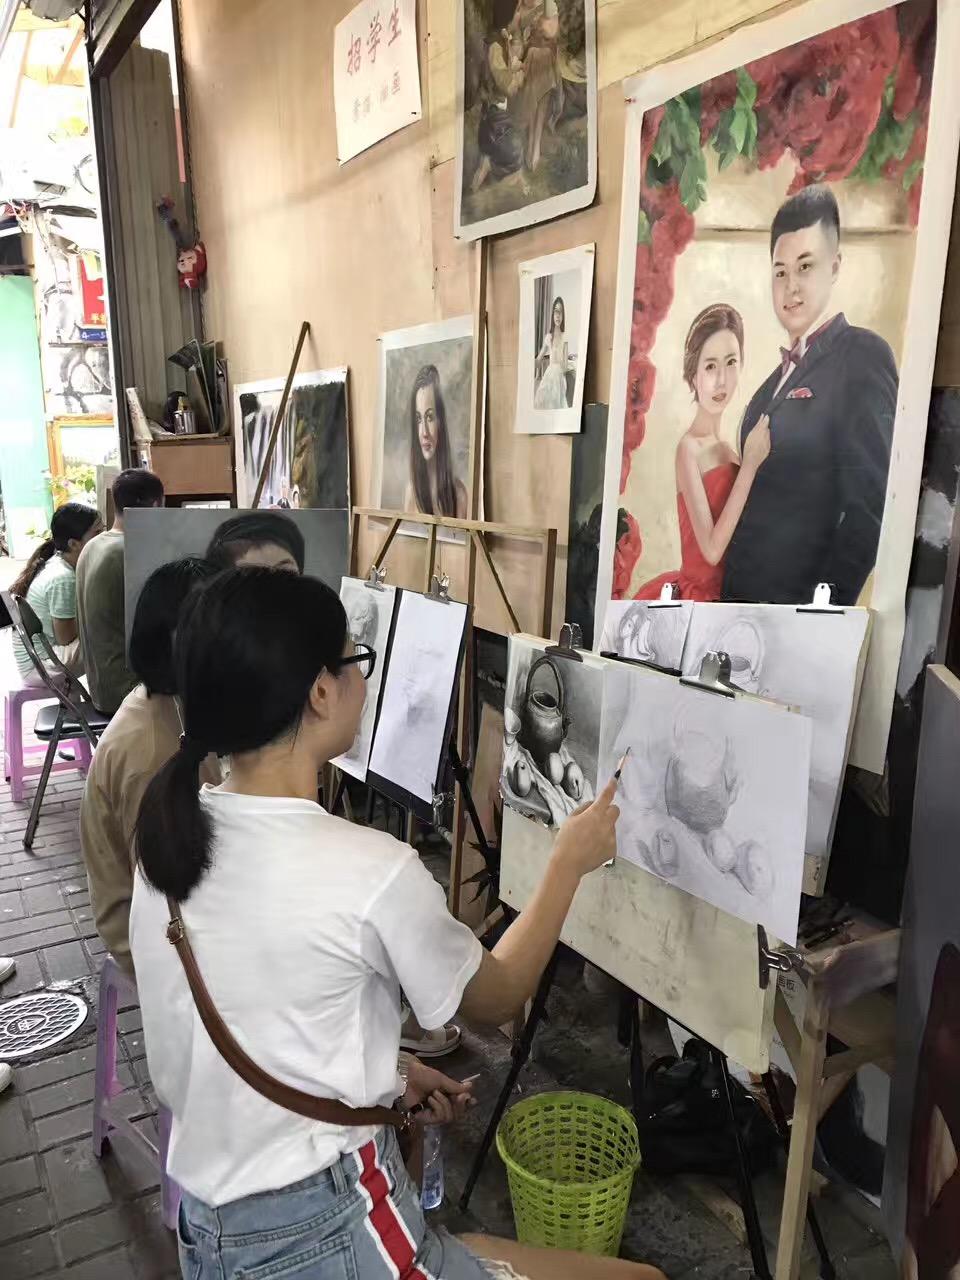 深圳大芬油画村,诗与远方的低角度存在